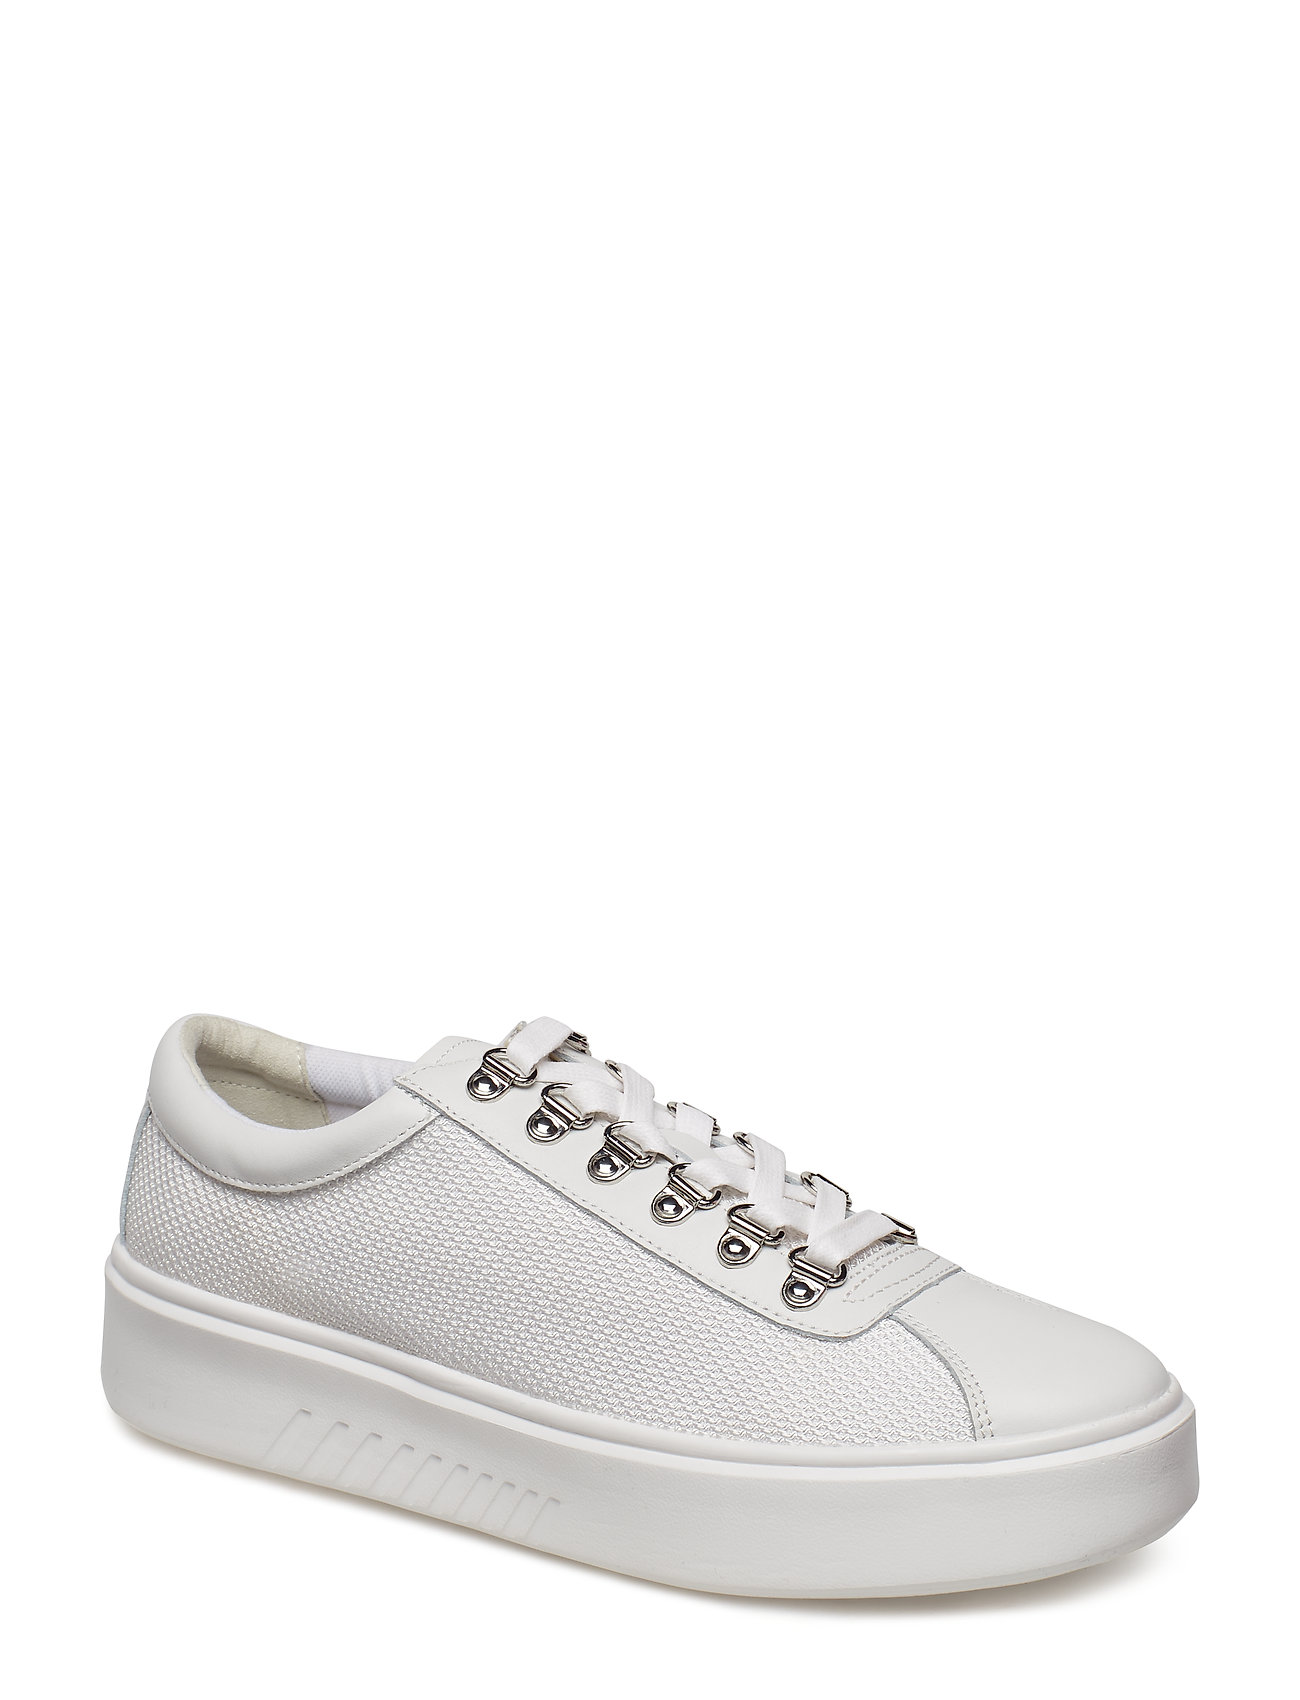 Aanbieding: Witte Sneakers Geox Jaysen | Geox met korting